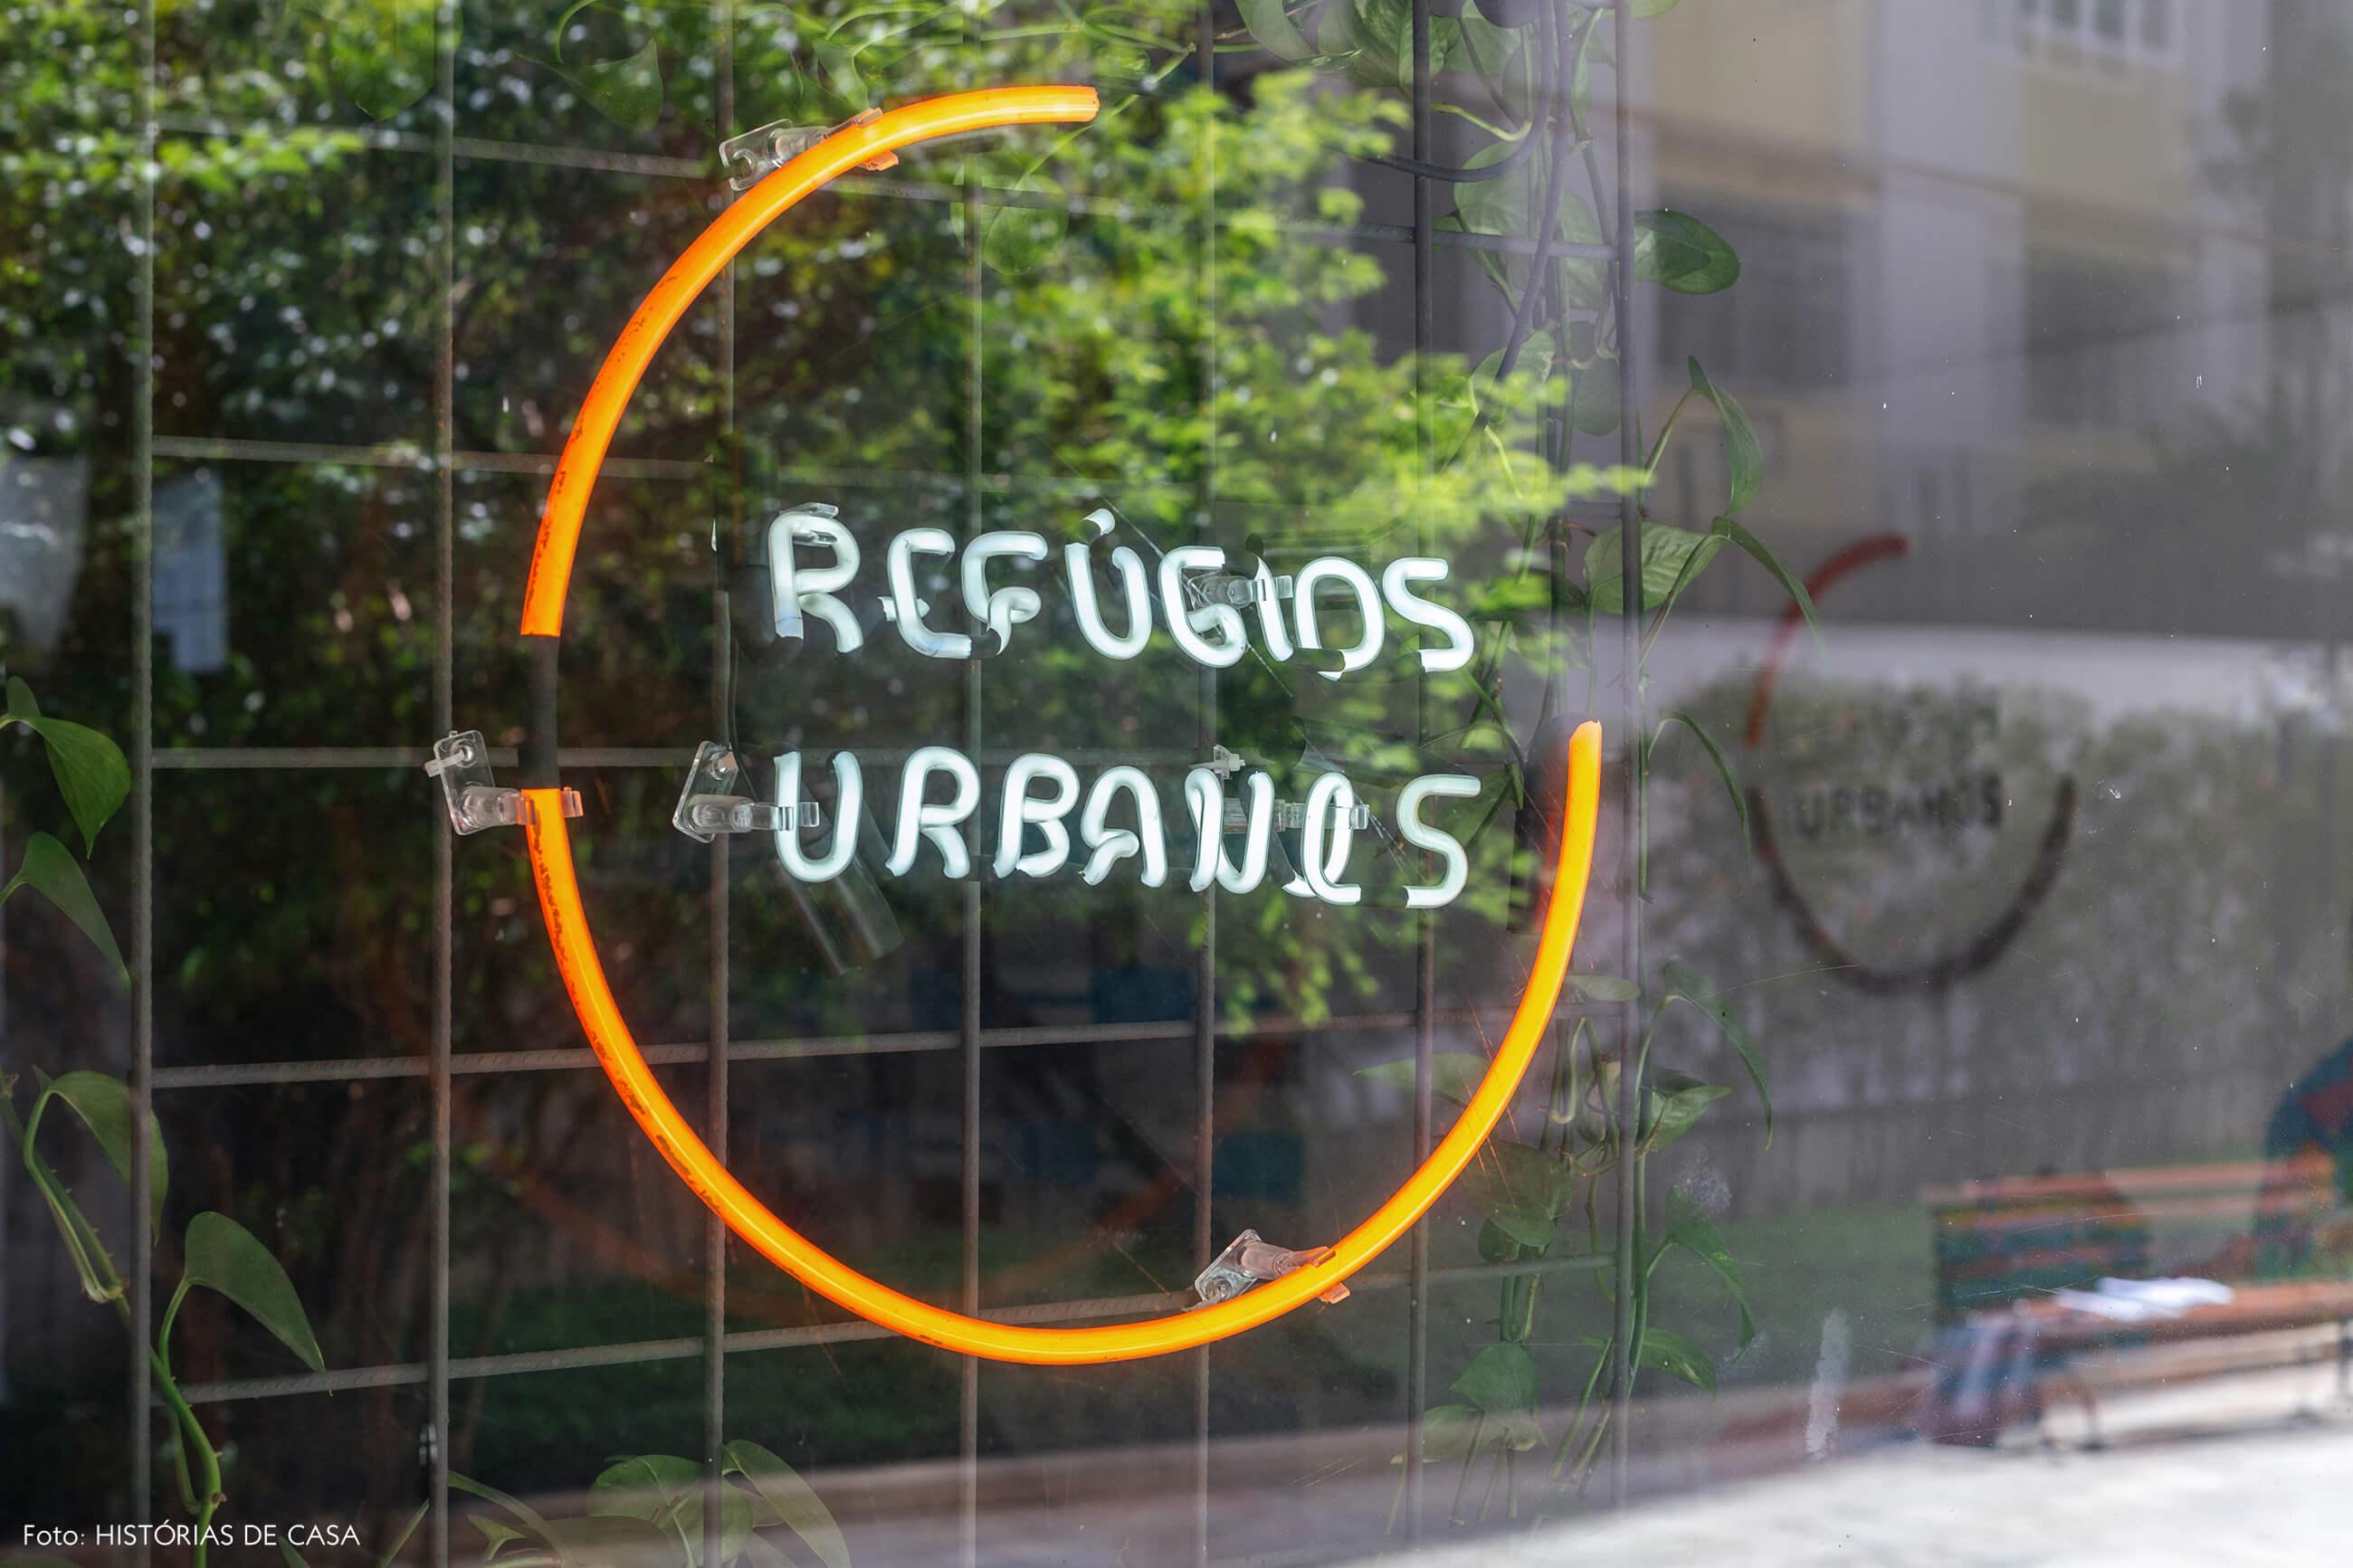 Novo escritório da imobiliária Refúgios Urbanos, luminária neon